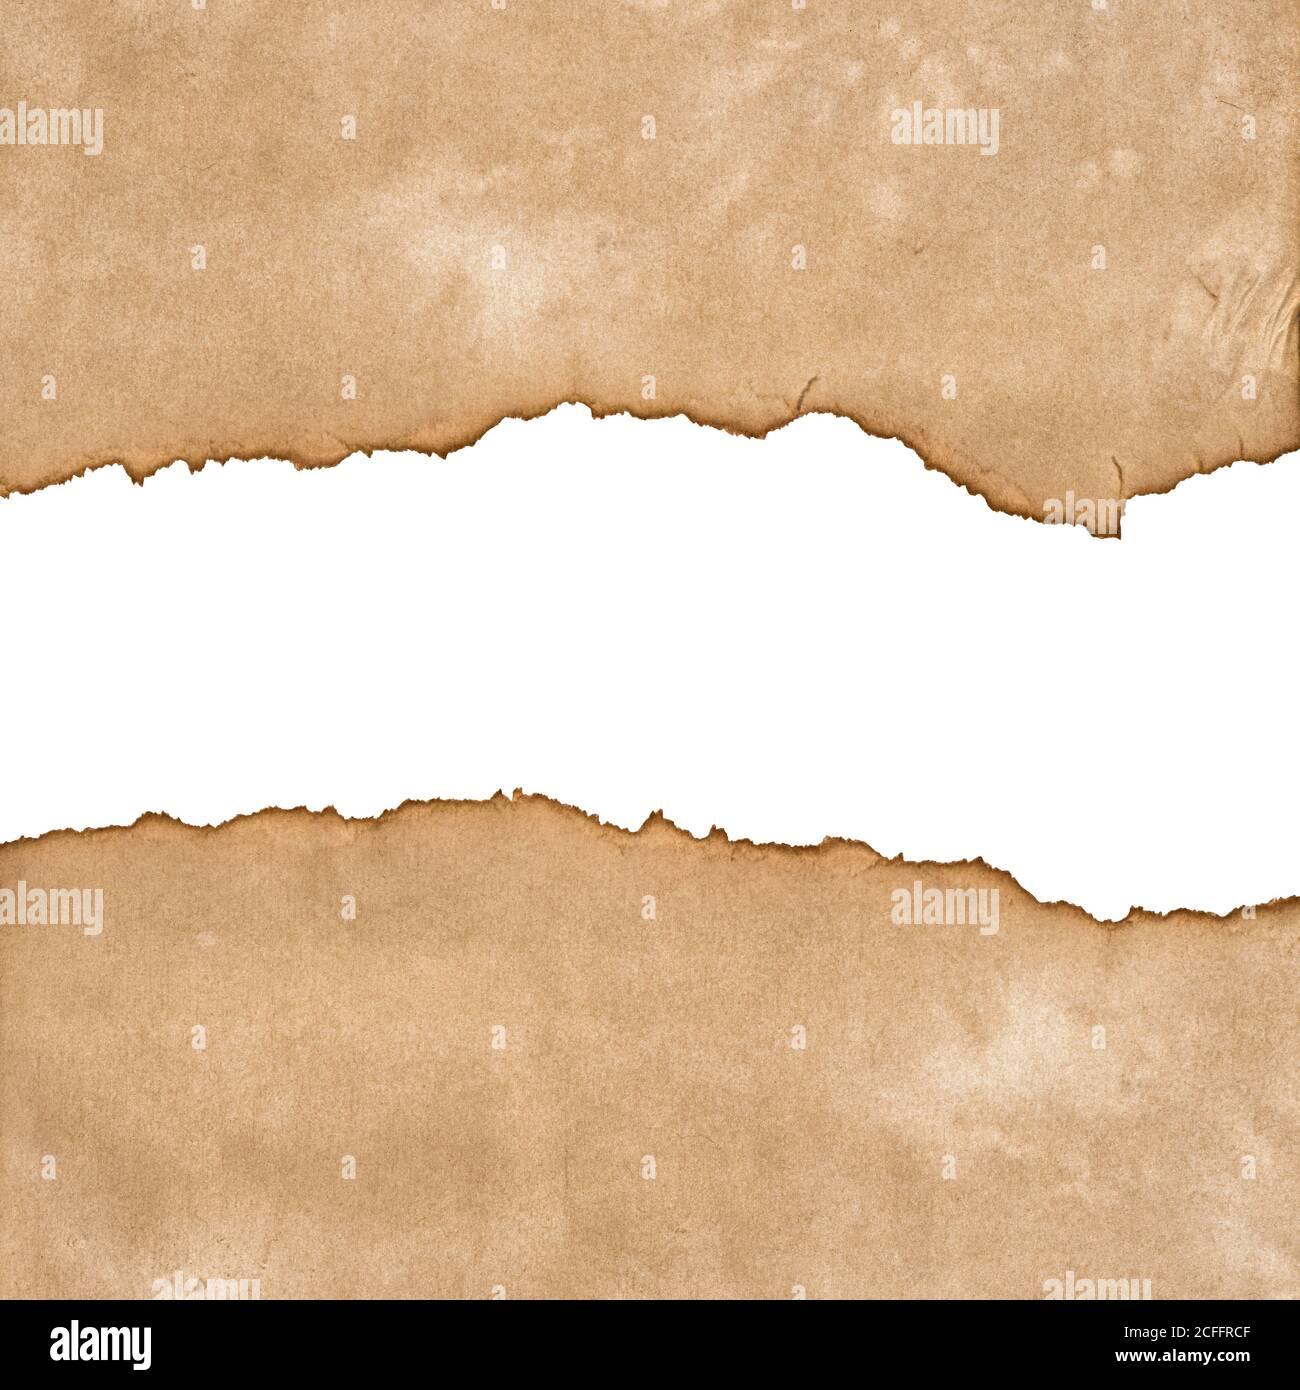 Papier déchiré bords déchirés. Pièces de carton utilisées isolées sur fond blanc Banque D'Images